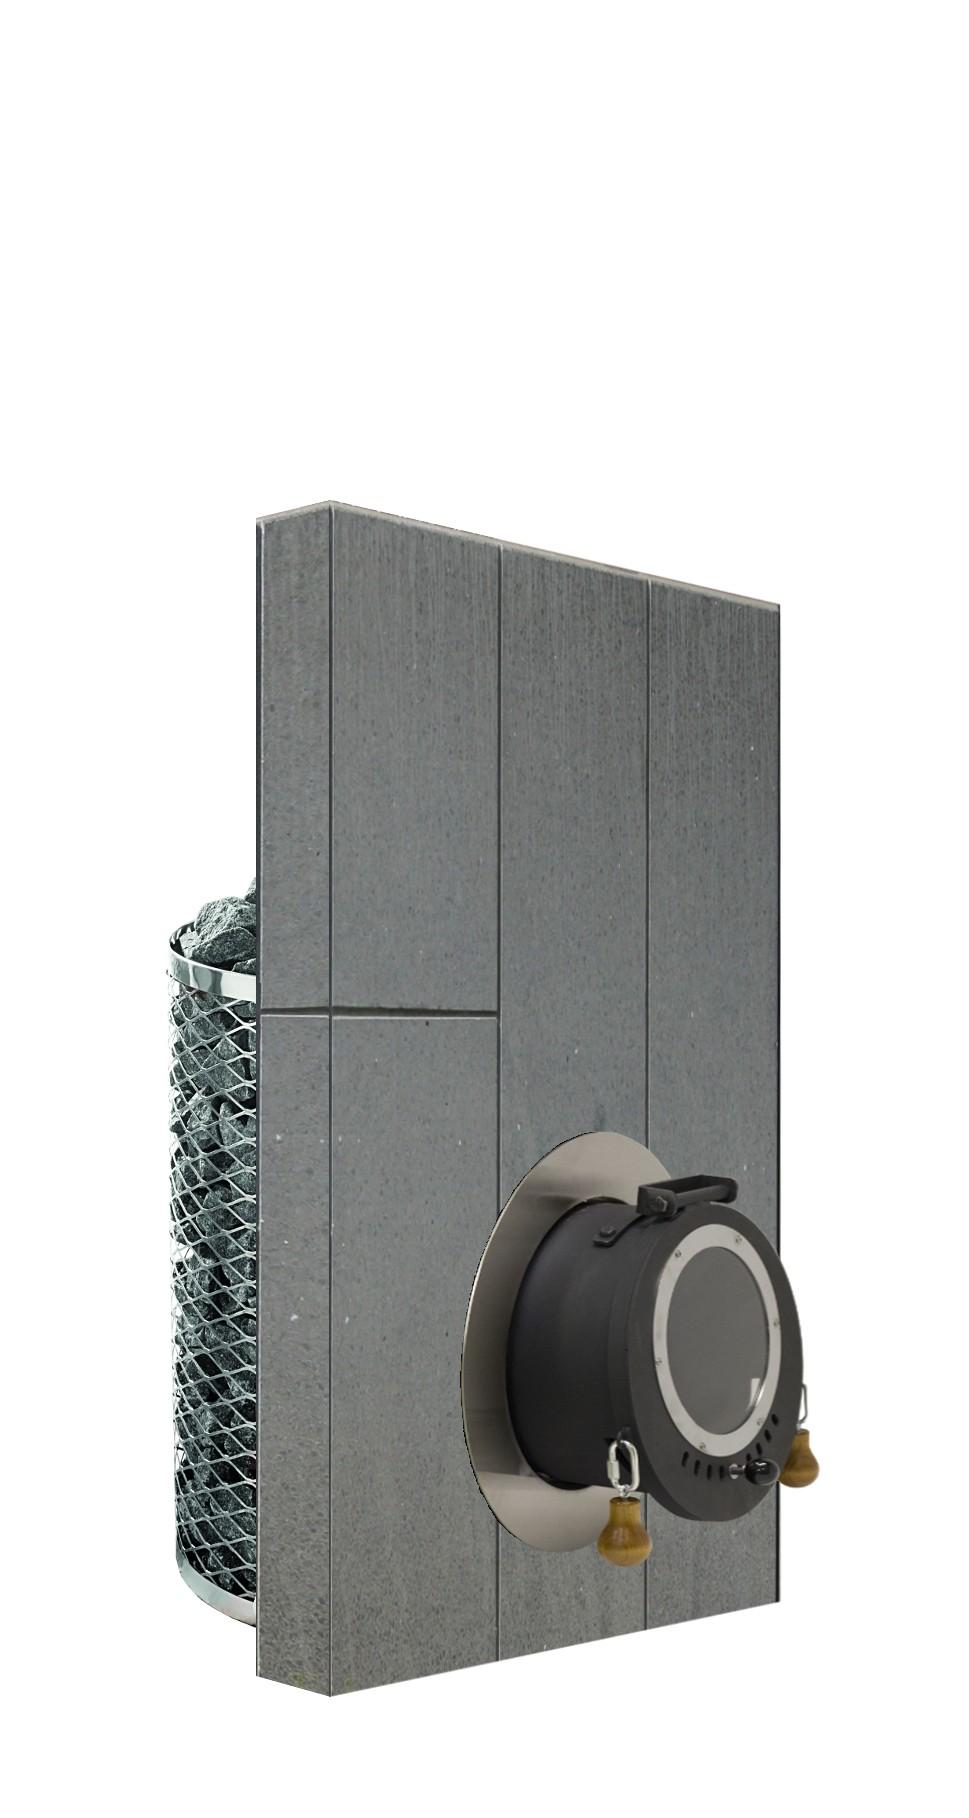 Holz-Saunaofen mit Außenbefeuerung IKI Wall